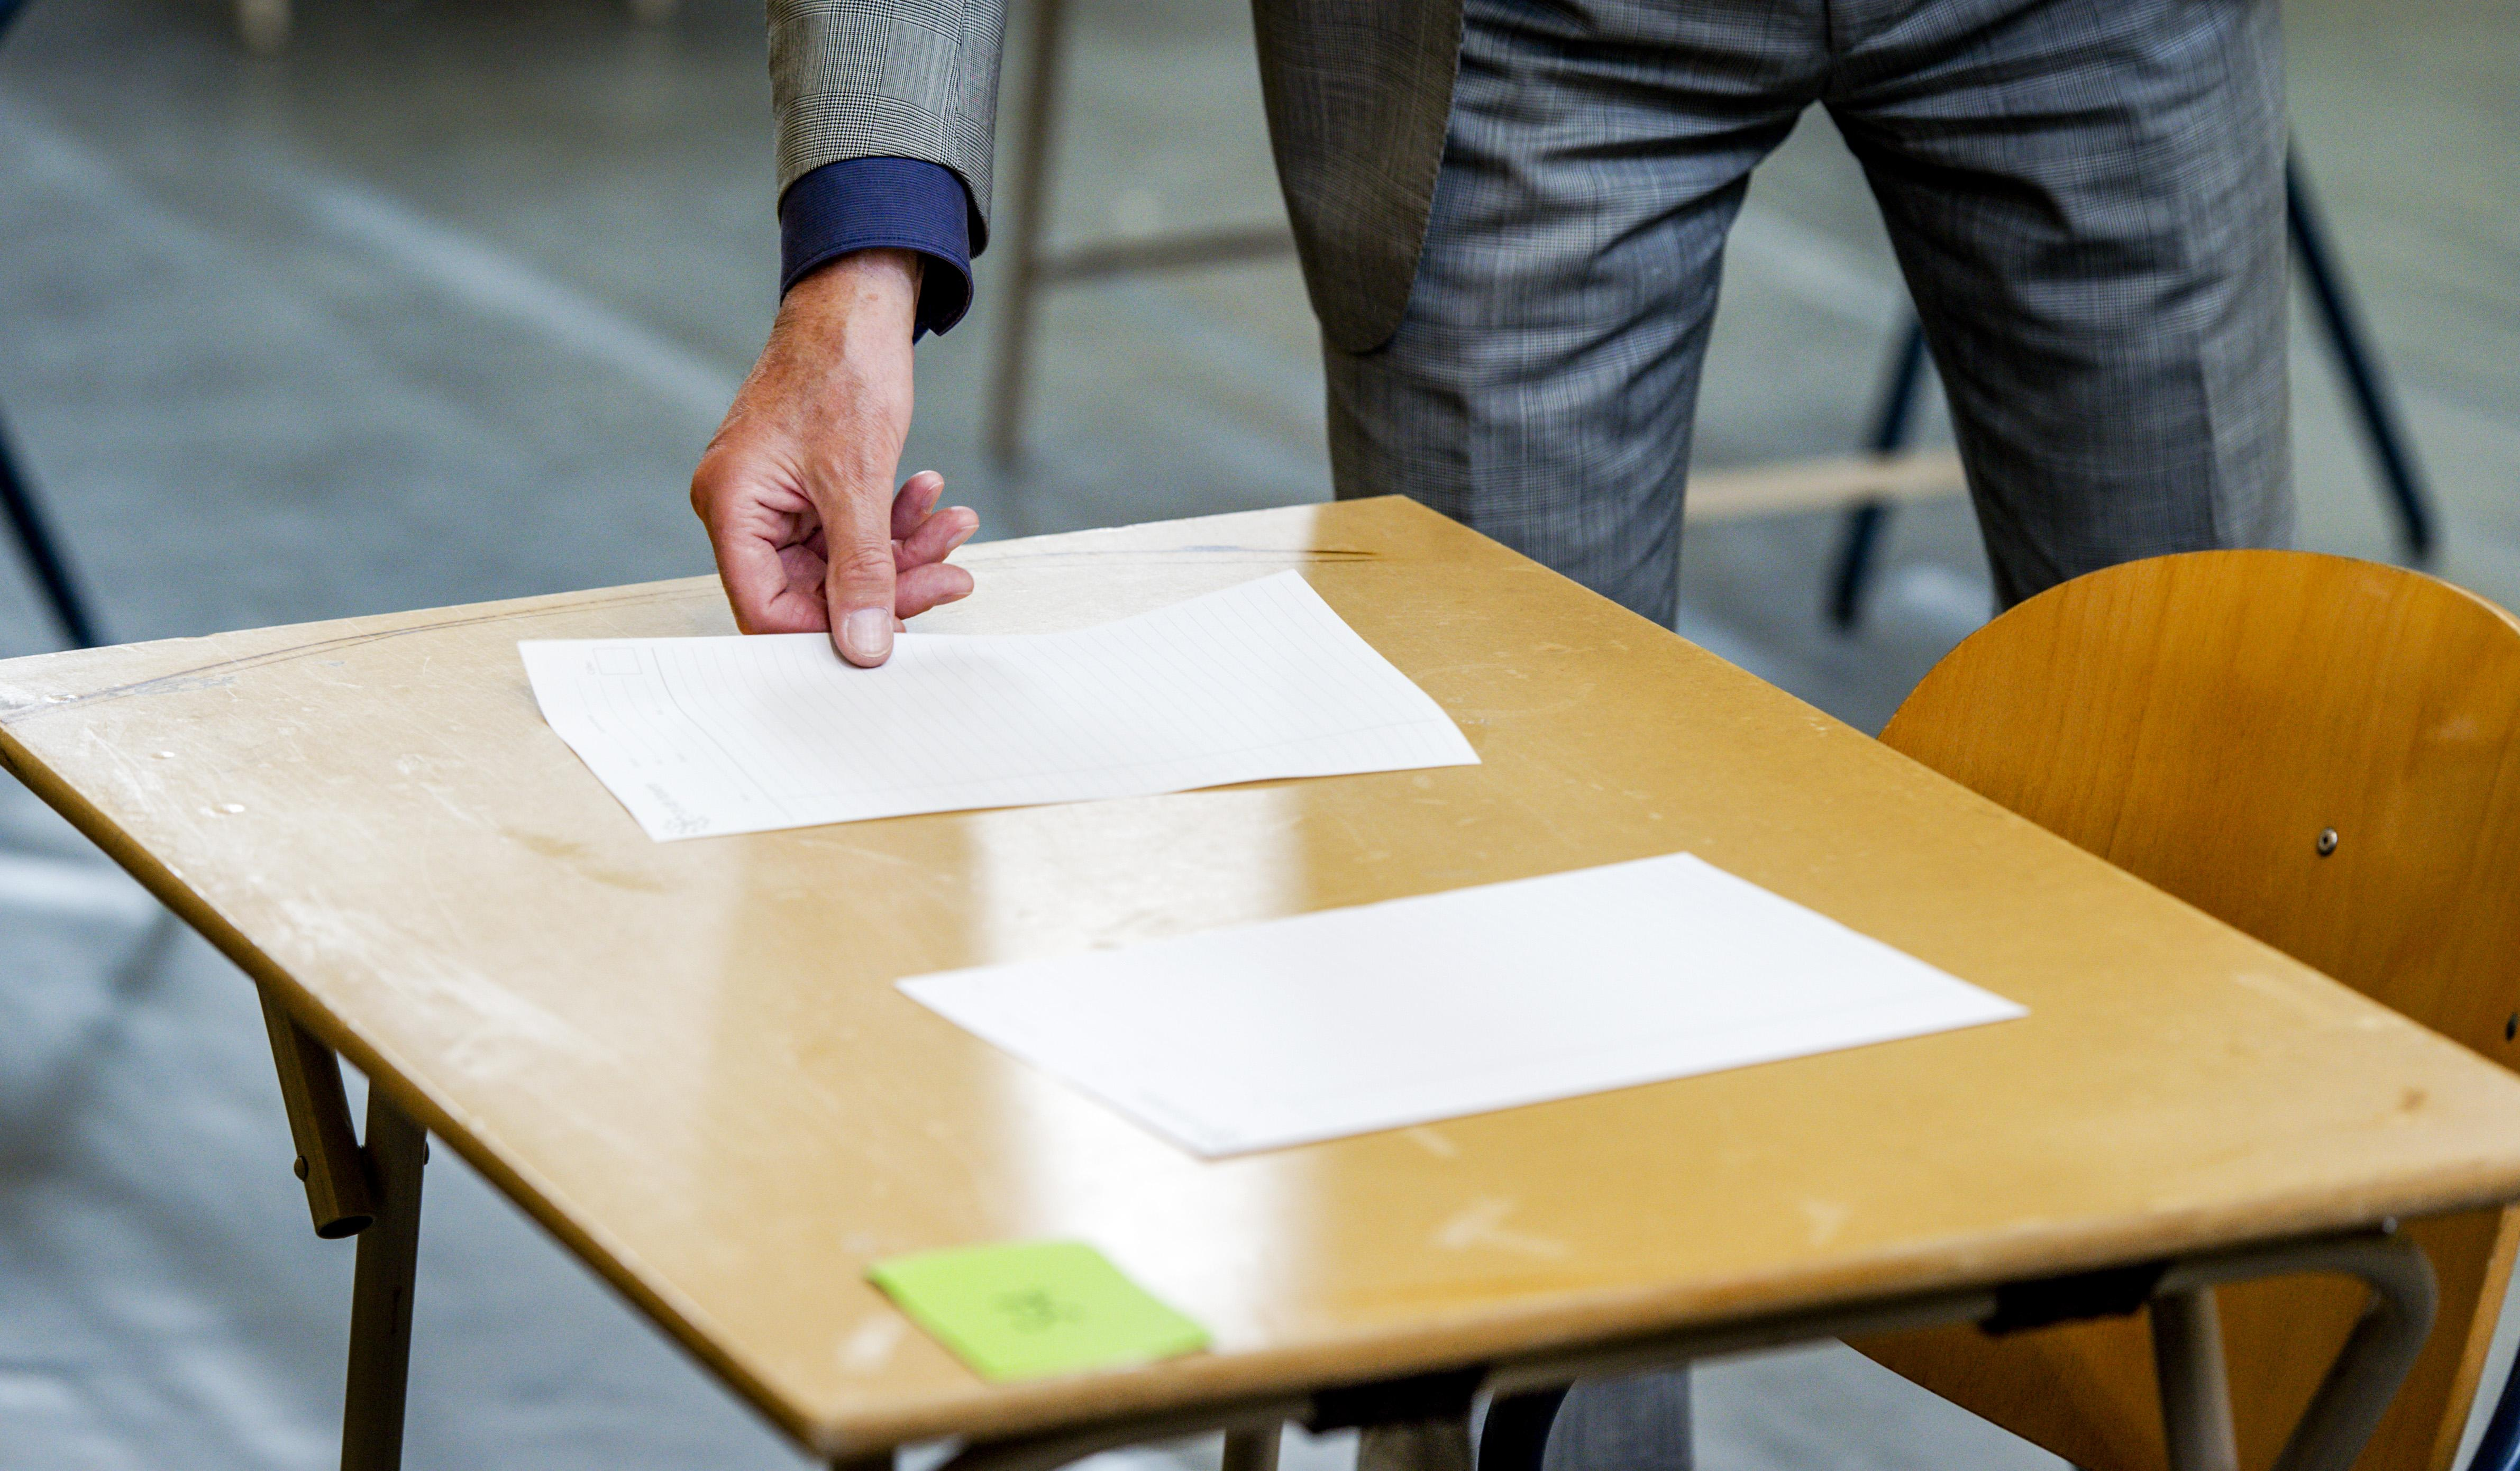 Beroepshavo Hilversum groeit uit jasje: landelijke opleidingsprimeur blijkt schot in de roos